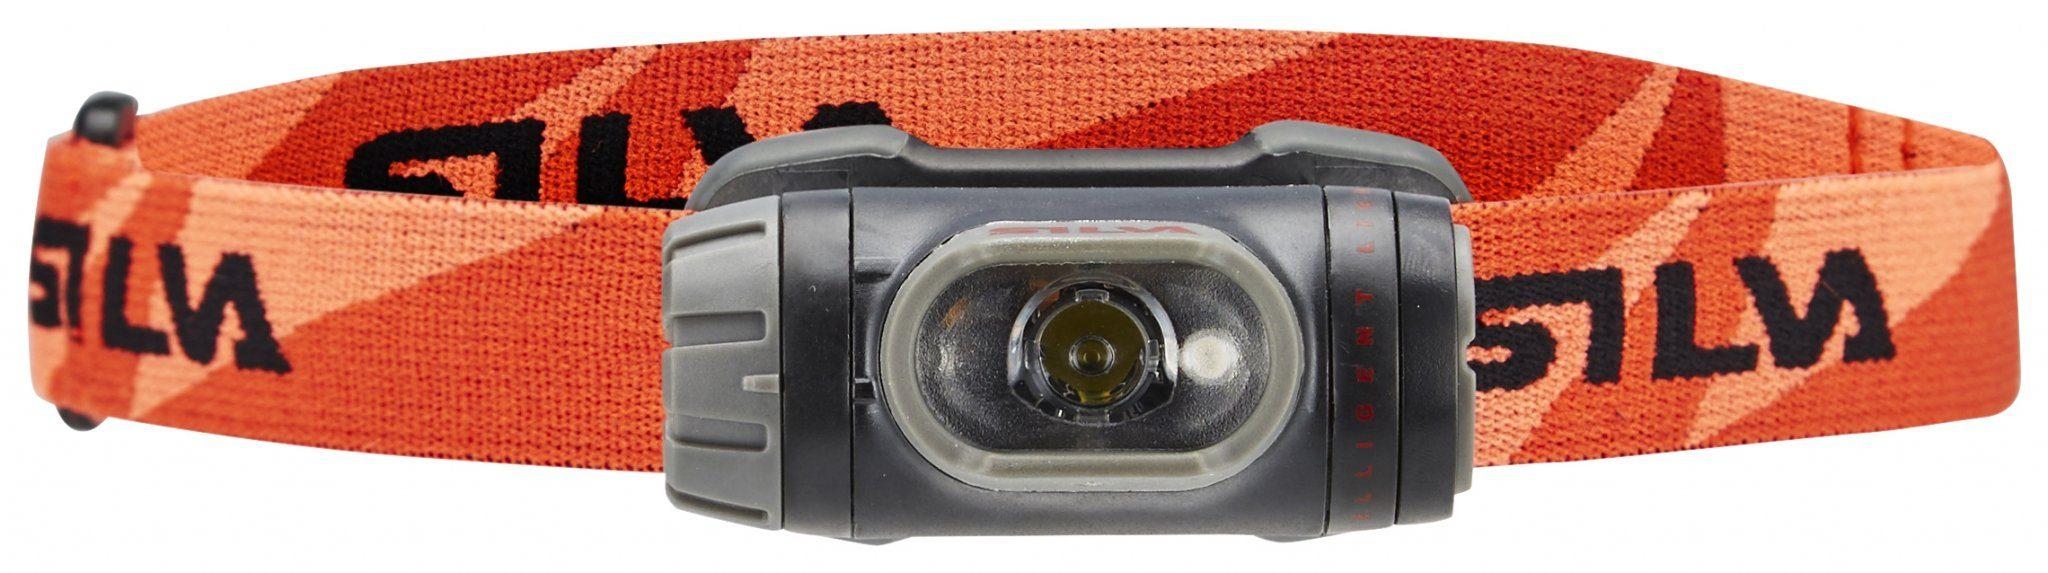 Silva Camping-Beleuchtung »Explore Headlamp«